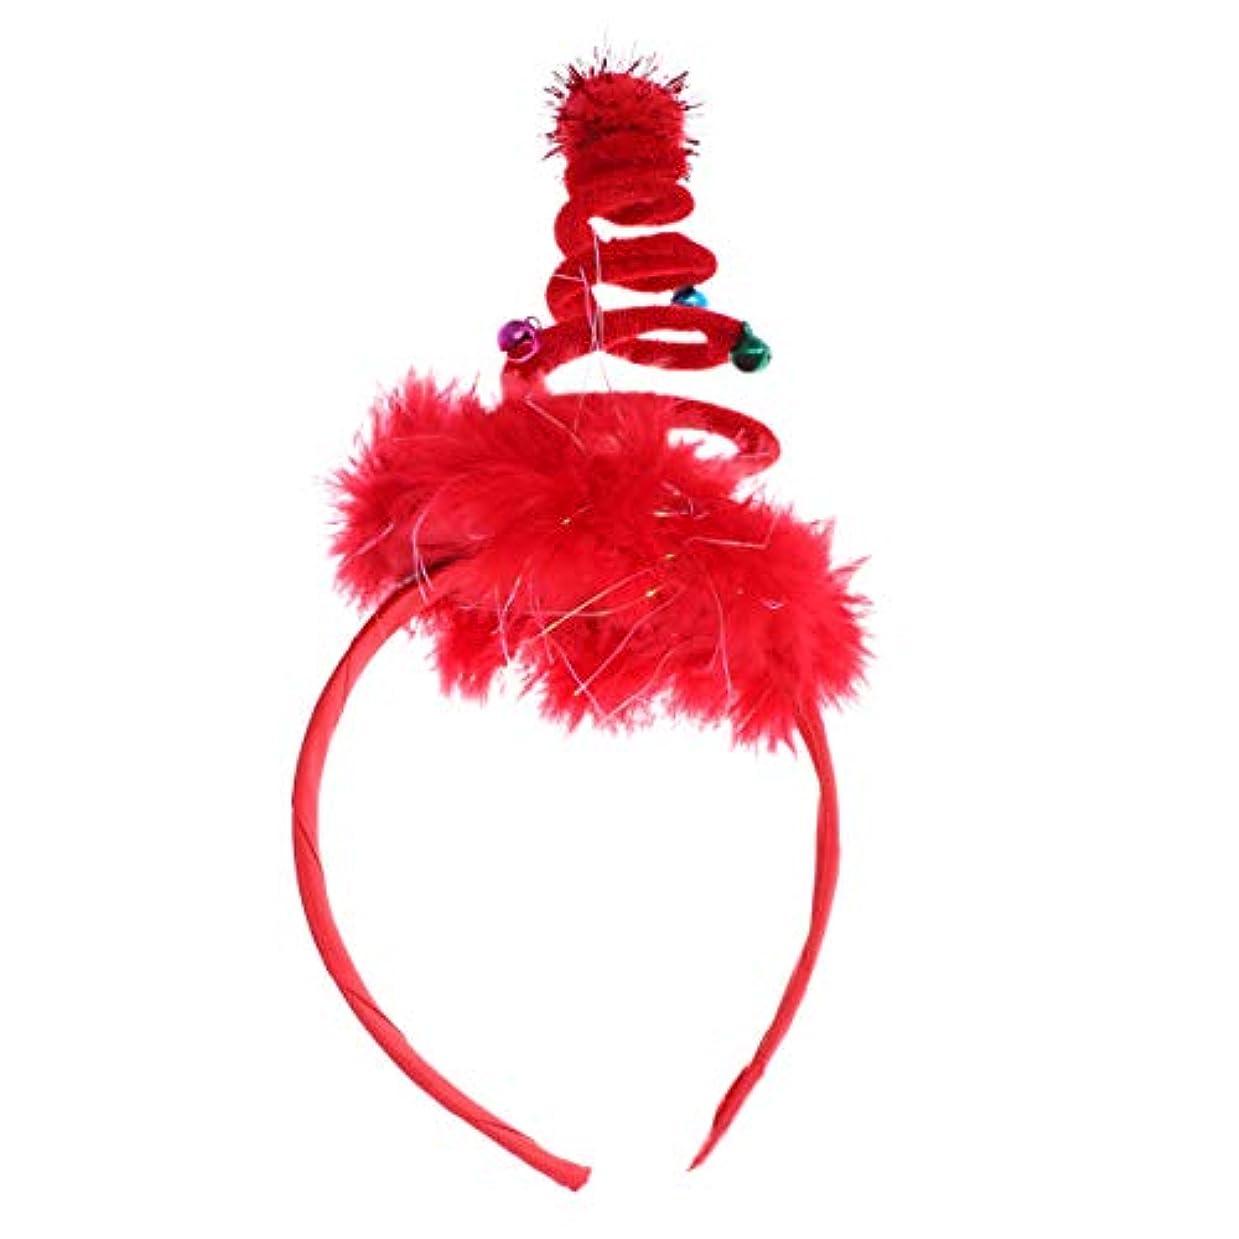 近く横バラ色Lurrose クリスマスヘアフープクリスマス羽は子供の女の子の子供のためのクリスマスパーティーヘアアクセサリーヘッドバンド